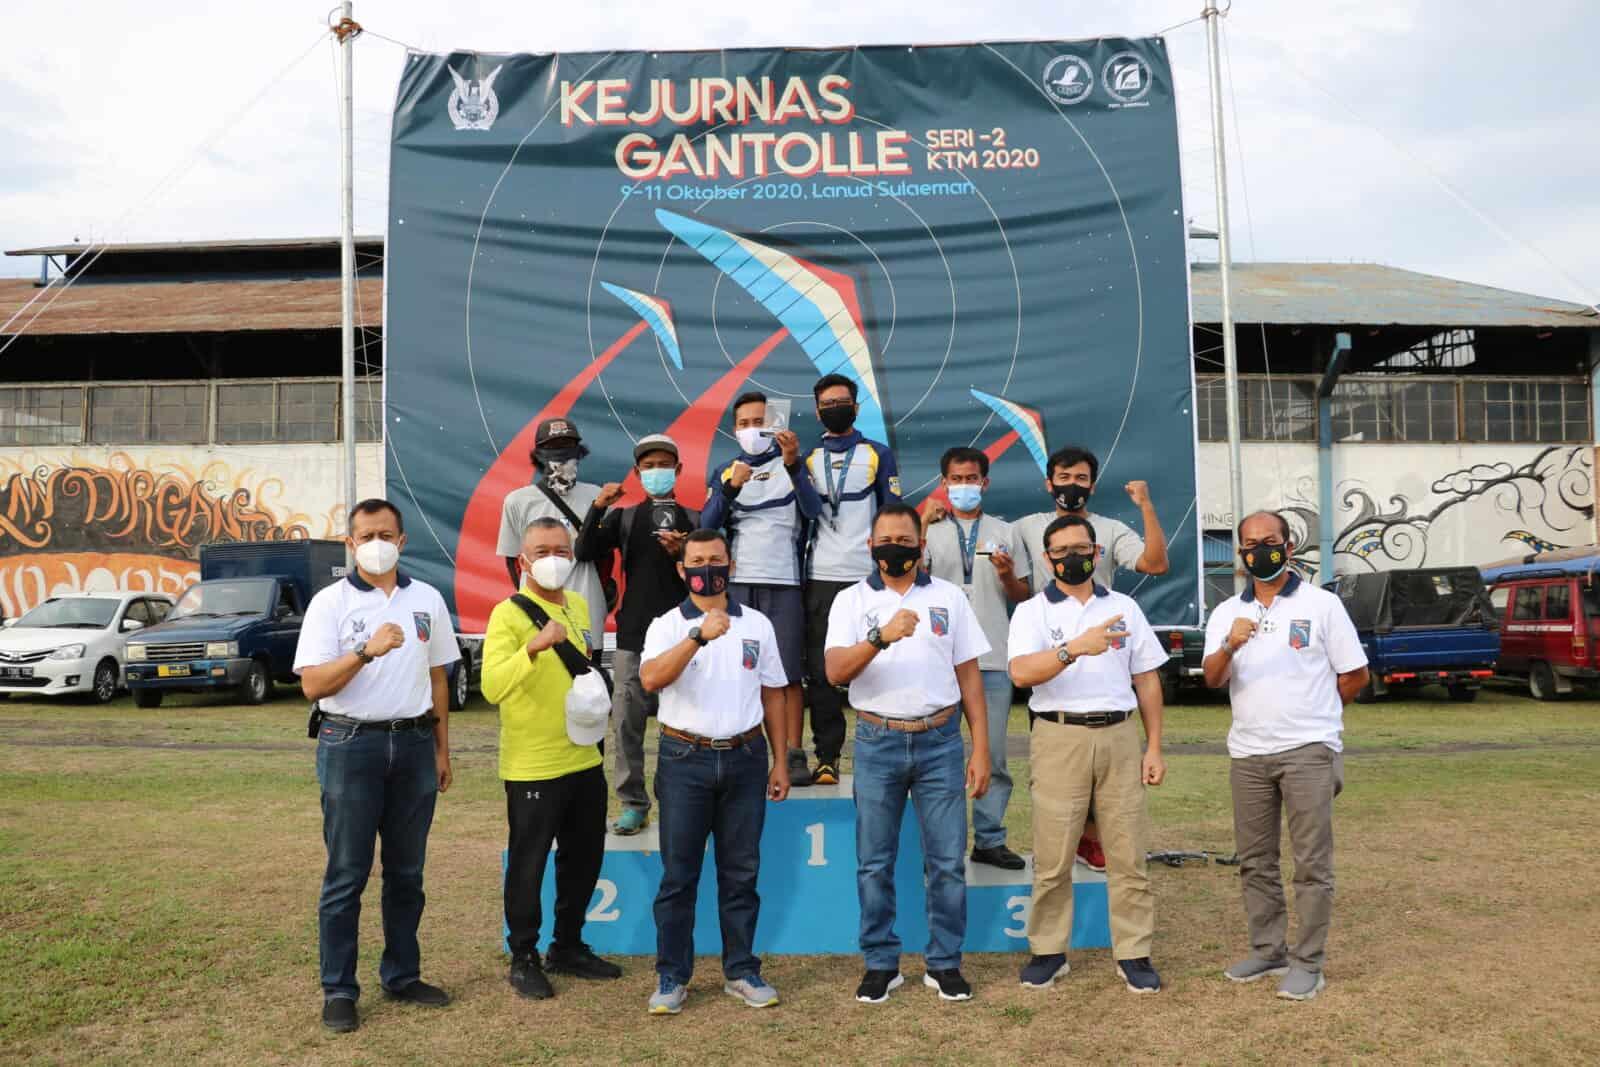 Penutupan Kejurnas Gantolle Seri-2 KTM 2020 di Lanud Sulaiman